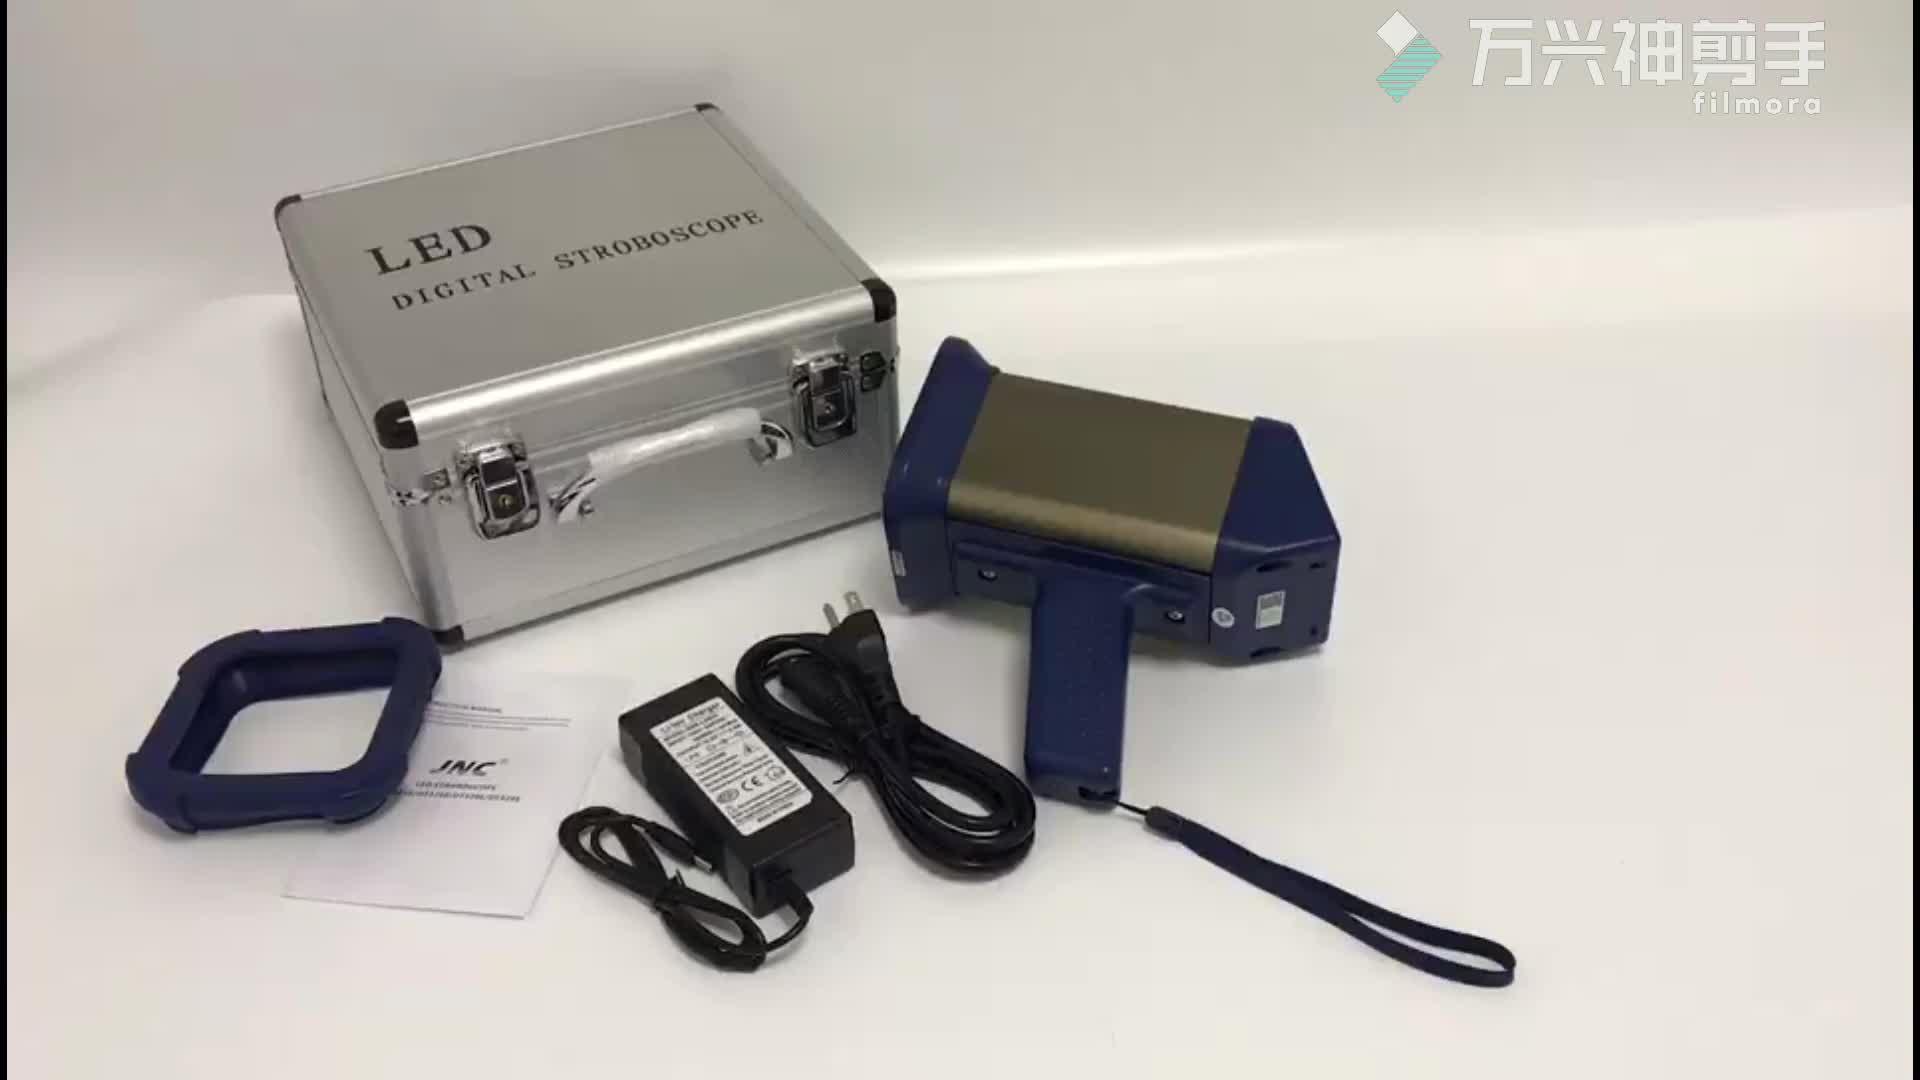 DT-326E Nova Strobe Light UV Digital Industrial Portable Stroboscope